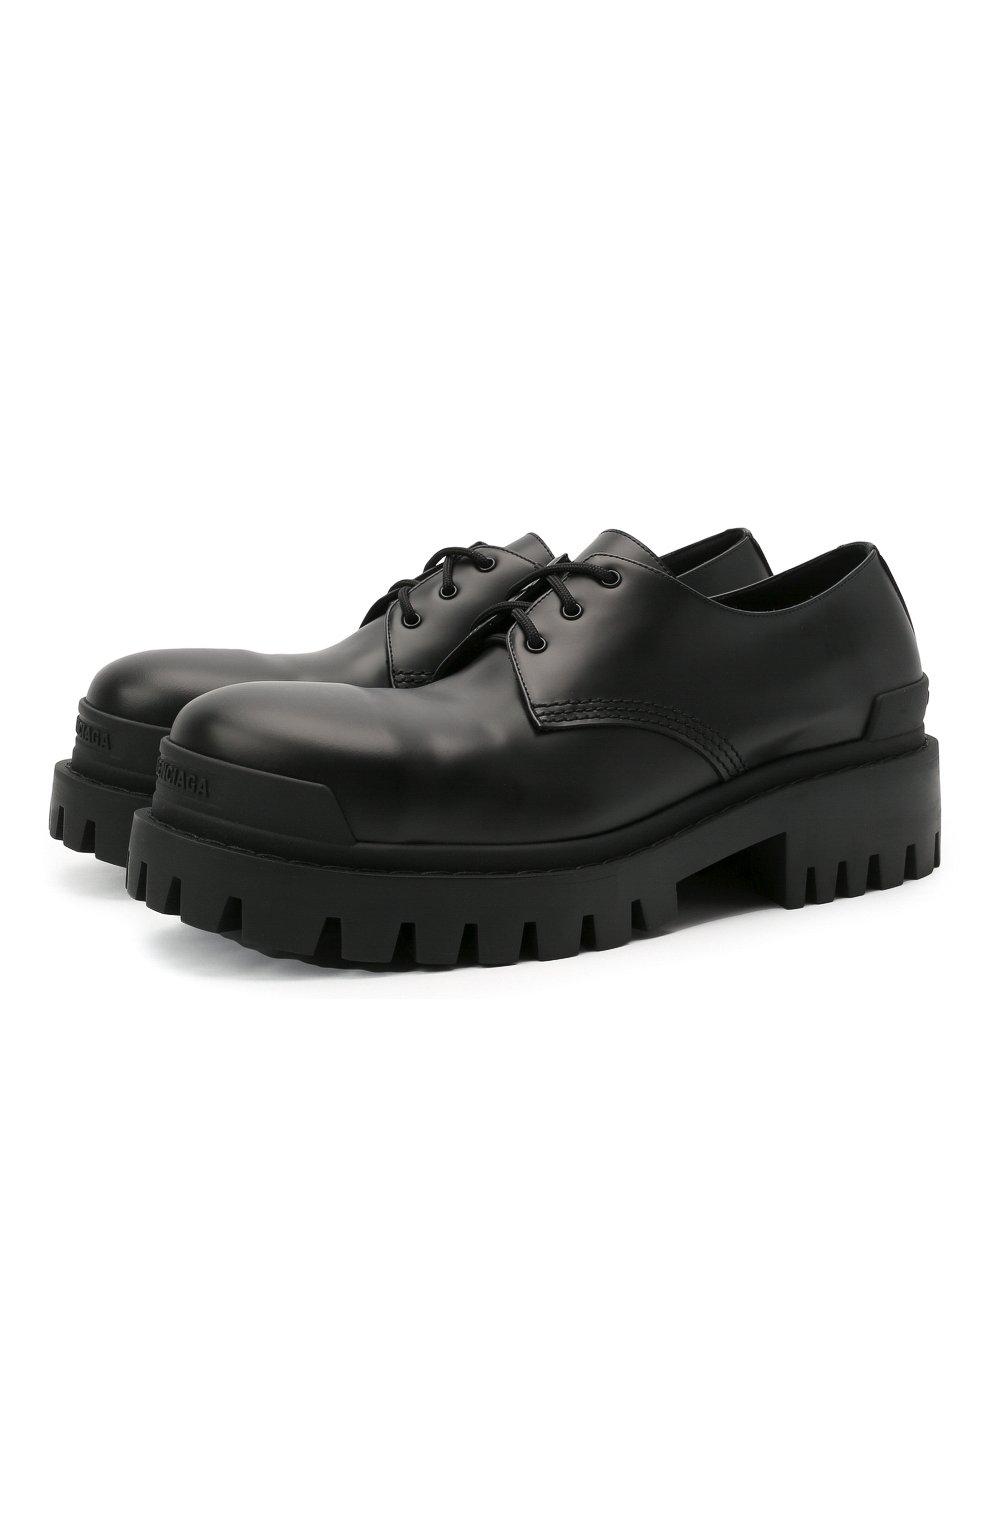 Мужские кожаные ботинки strike BALENCIAGA черного цвета, арт. 600600/WA960 | Фото 1 (Каблук высота: Высокий; Мужское Кросс-КТ: Ботинки-обувь; Материал внутренний: Натуральная кожа; Подошва: Массивная)